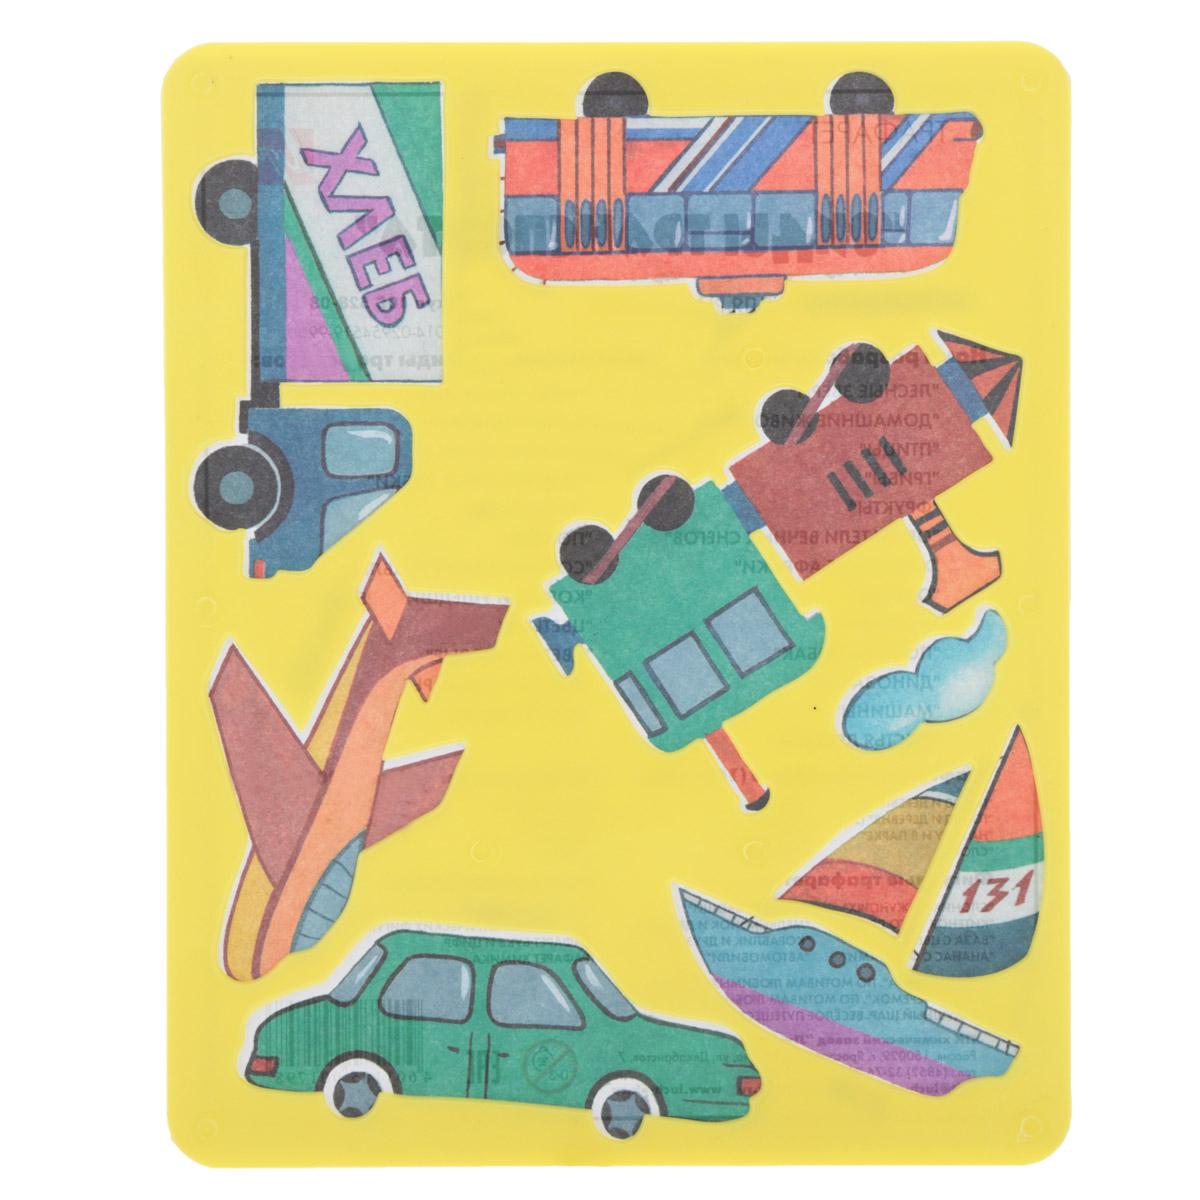 Трафарет прорезной Луч Виды транспорта10С 528-08Трафарет Луч Виды транспорта, выполненный из безопасного пластика, предназначен для детского творчества. По трафарету маленький художник сможет нарисовать наземные, воздушные и водные виды транспорта. Для этого необходимо положить трафарет на лист бумаги, обвести фигуру по контуру и раскрасить по своему вкусу или глядя на цветную картинку-образец. Трафареты предназначены для развития у детей мелкой моторики и зрительно-двигательной координации, навыков художественной композиции и зрительного восприятия.